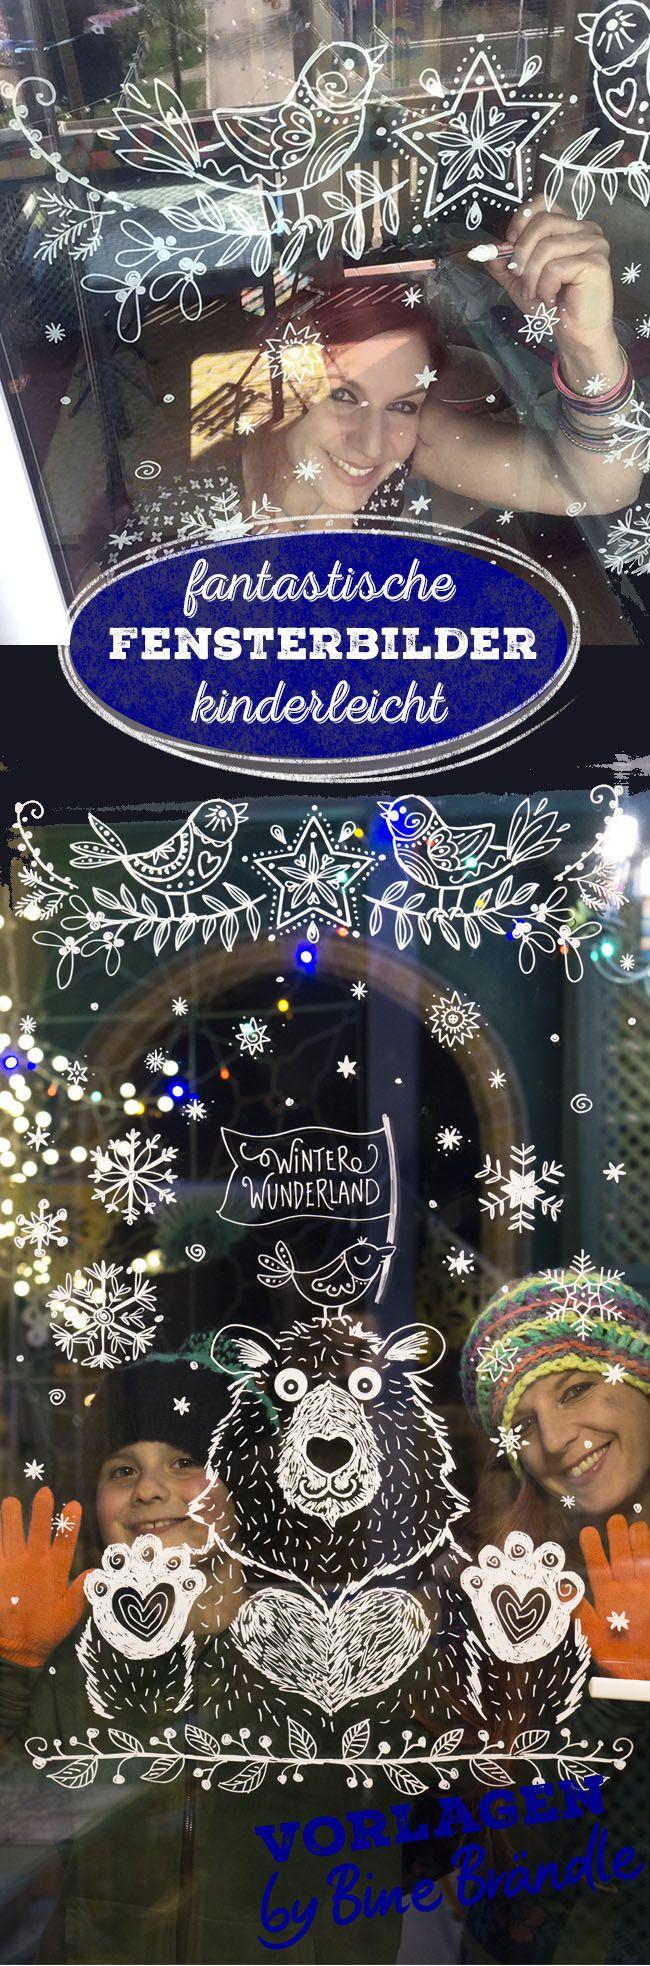 Mit den xxl Vorlagen von Bine Brändle ist das Malen von Fensterbildern mit dem Kreidemarker kinderleicht. Bringe mit Hilfe von Bines Vorlagen super einfach eine tolle Deko für den Winter und Weihnachten auf deine Fenster. Egal ob Handlettering, Kalligrafie, Eisbär, Vögel, Ranken... Illustration... die tollen vielseitigen Motive von Bine ganz einfach auf das Fenster übertragen.